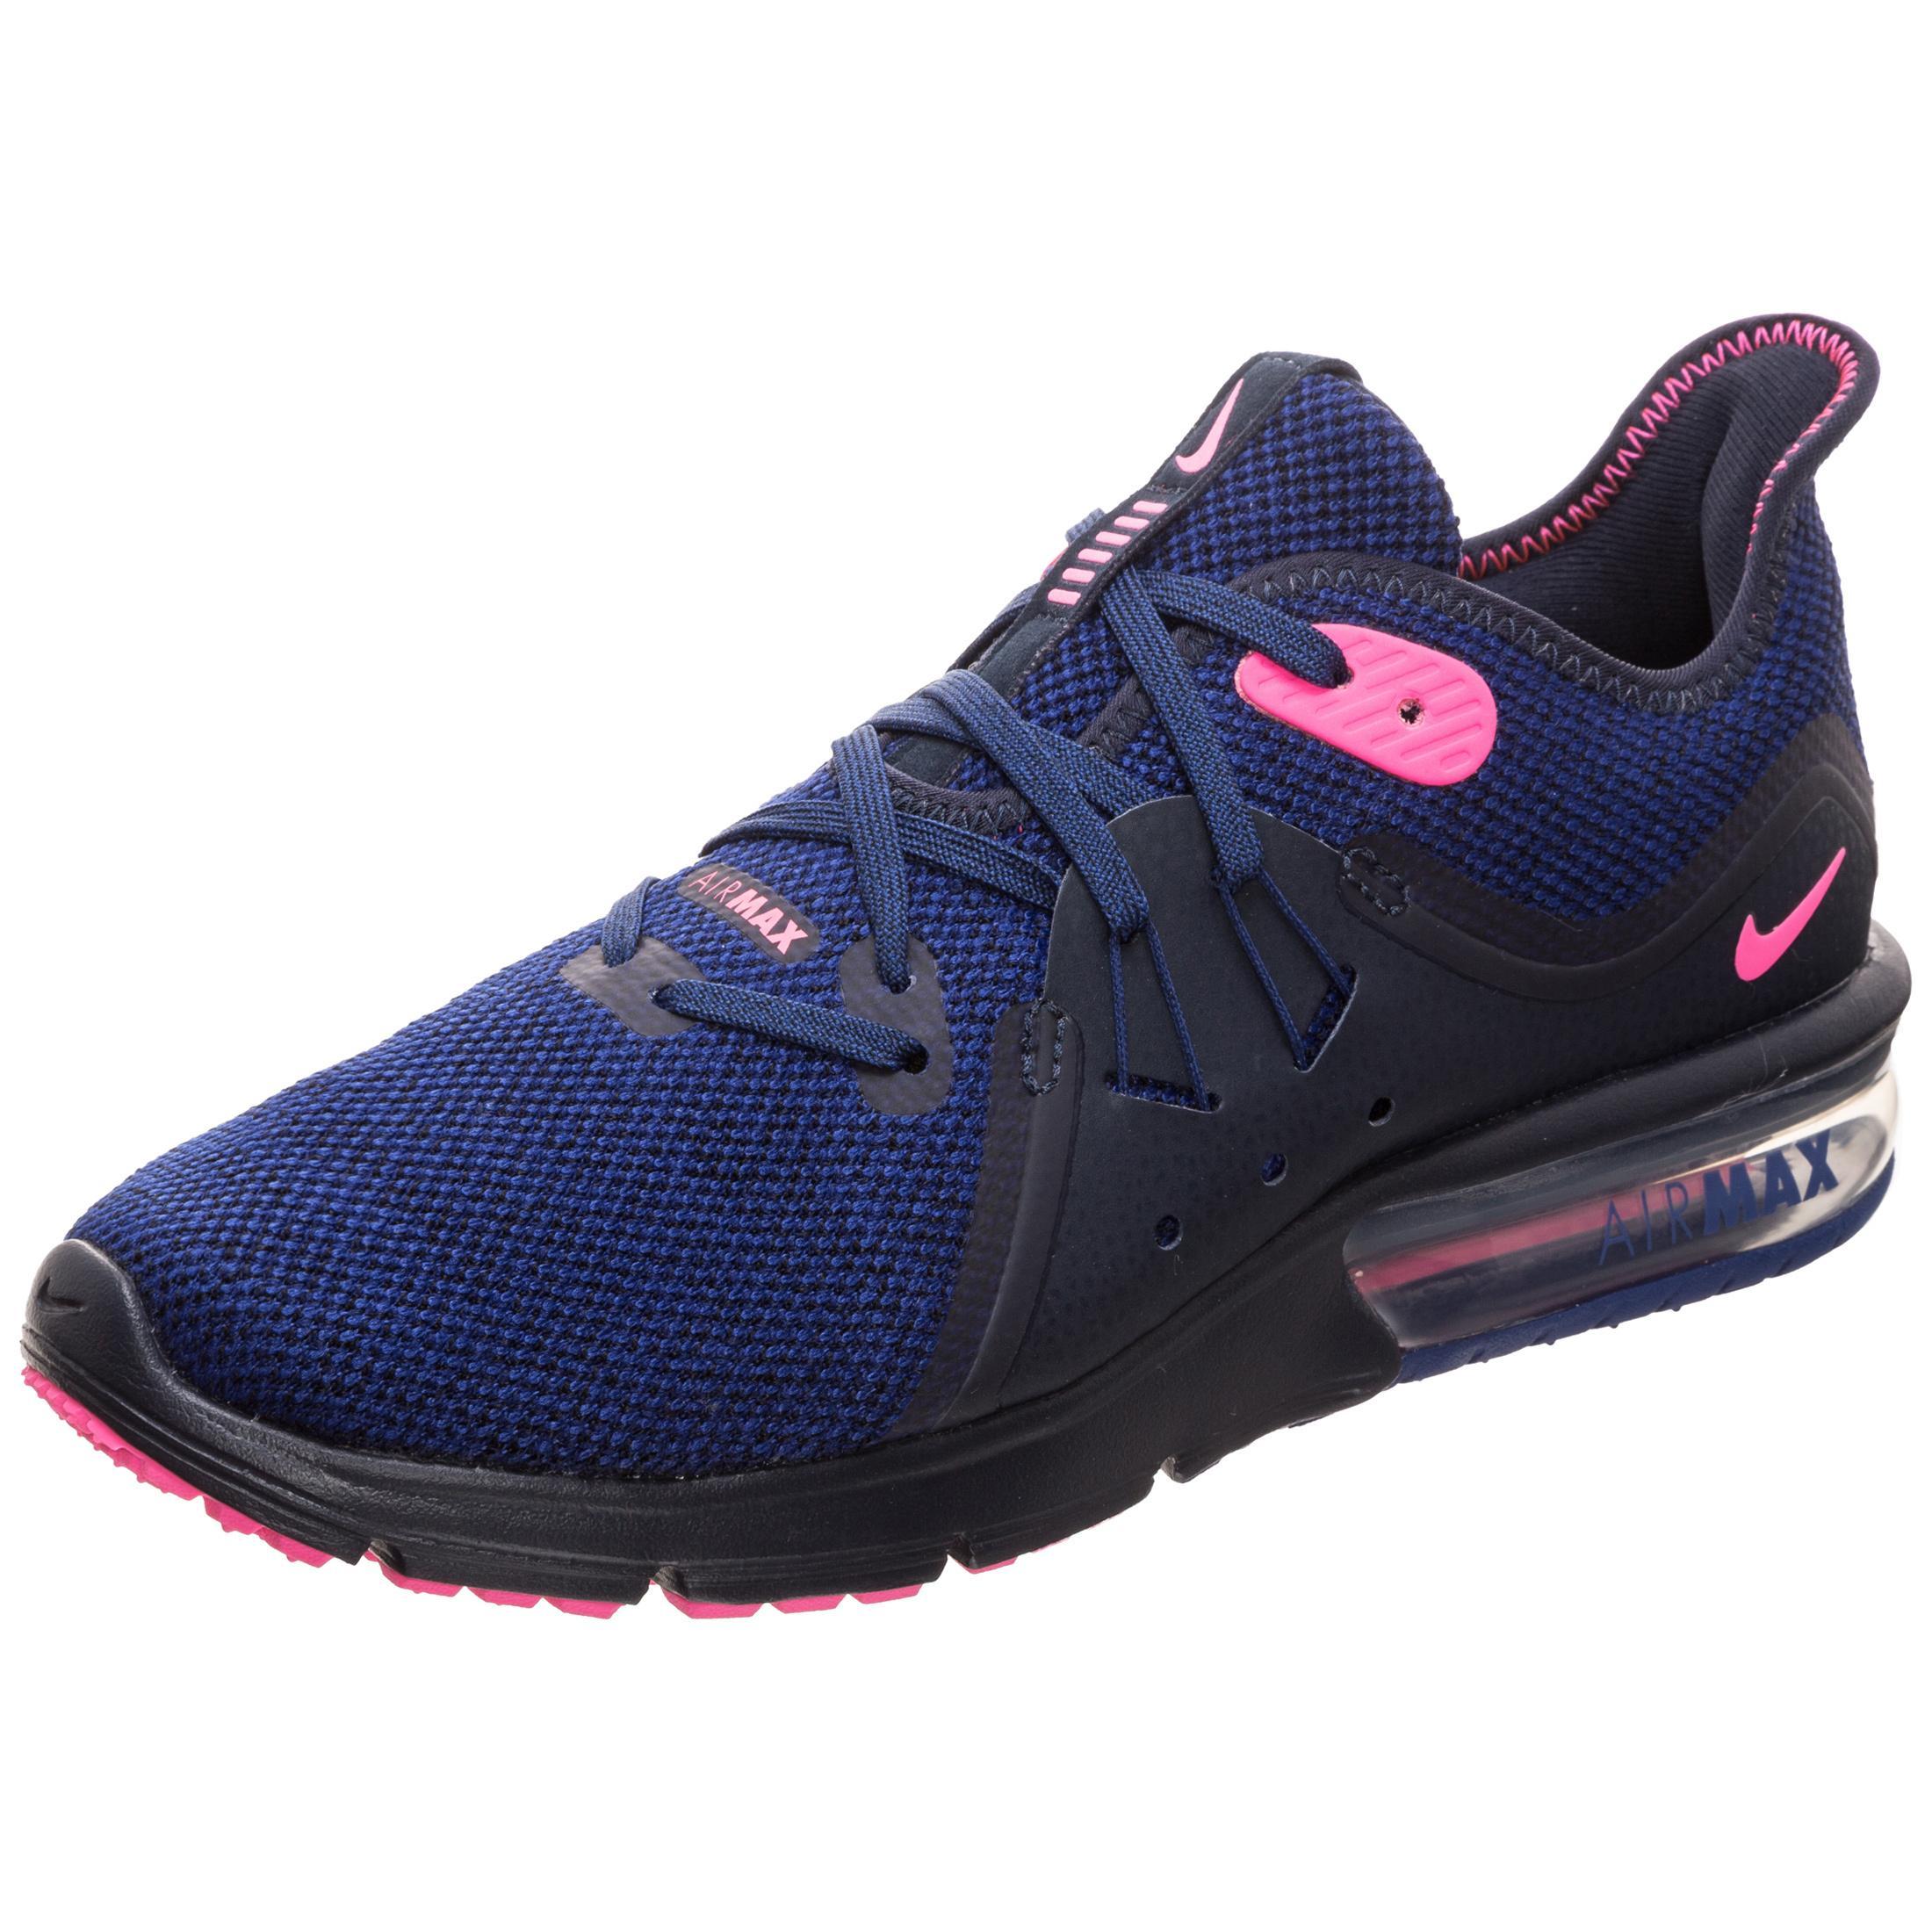 Nike Air Max Sequent 3 Laufschuhe blau Damen blau Laufschuhe   Rosa im Online Shop von SportScheck kaufen Gute Qualität beliebte Schuhe 18b88f